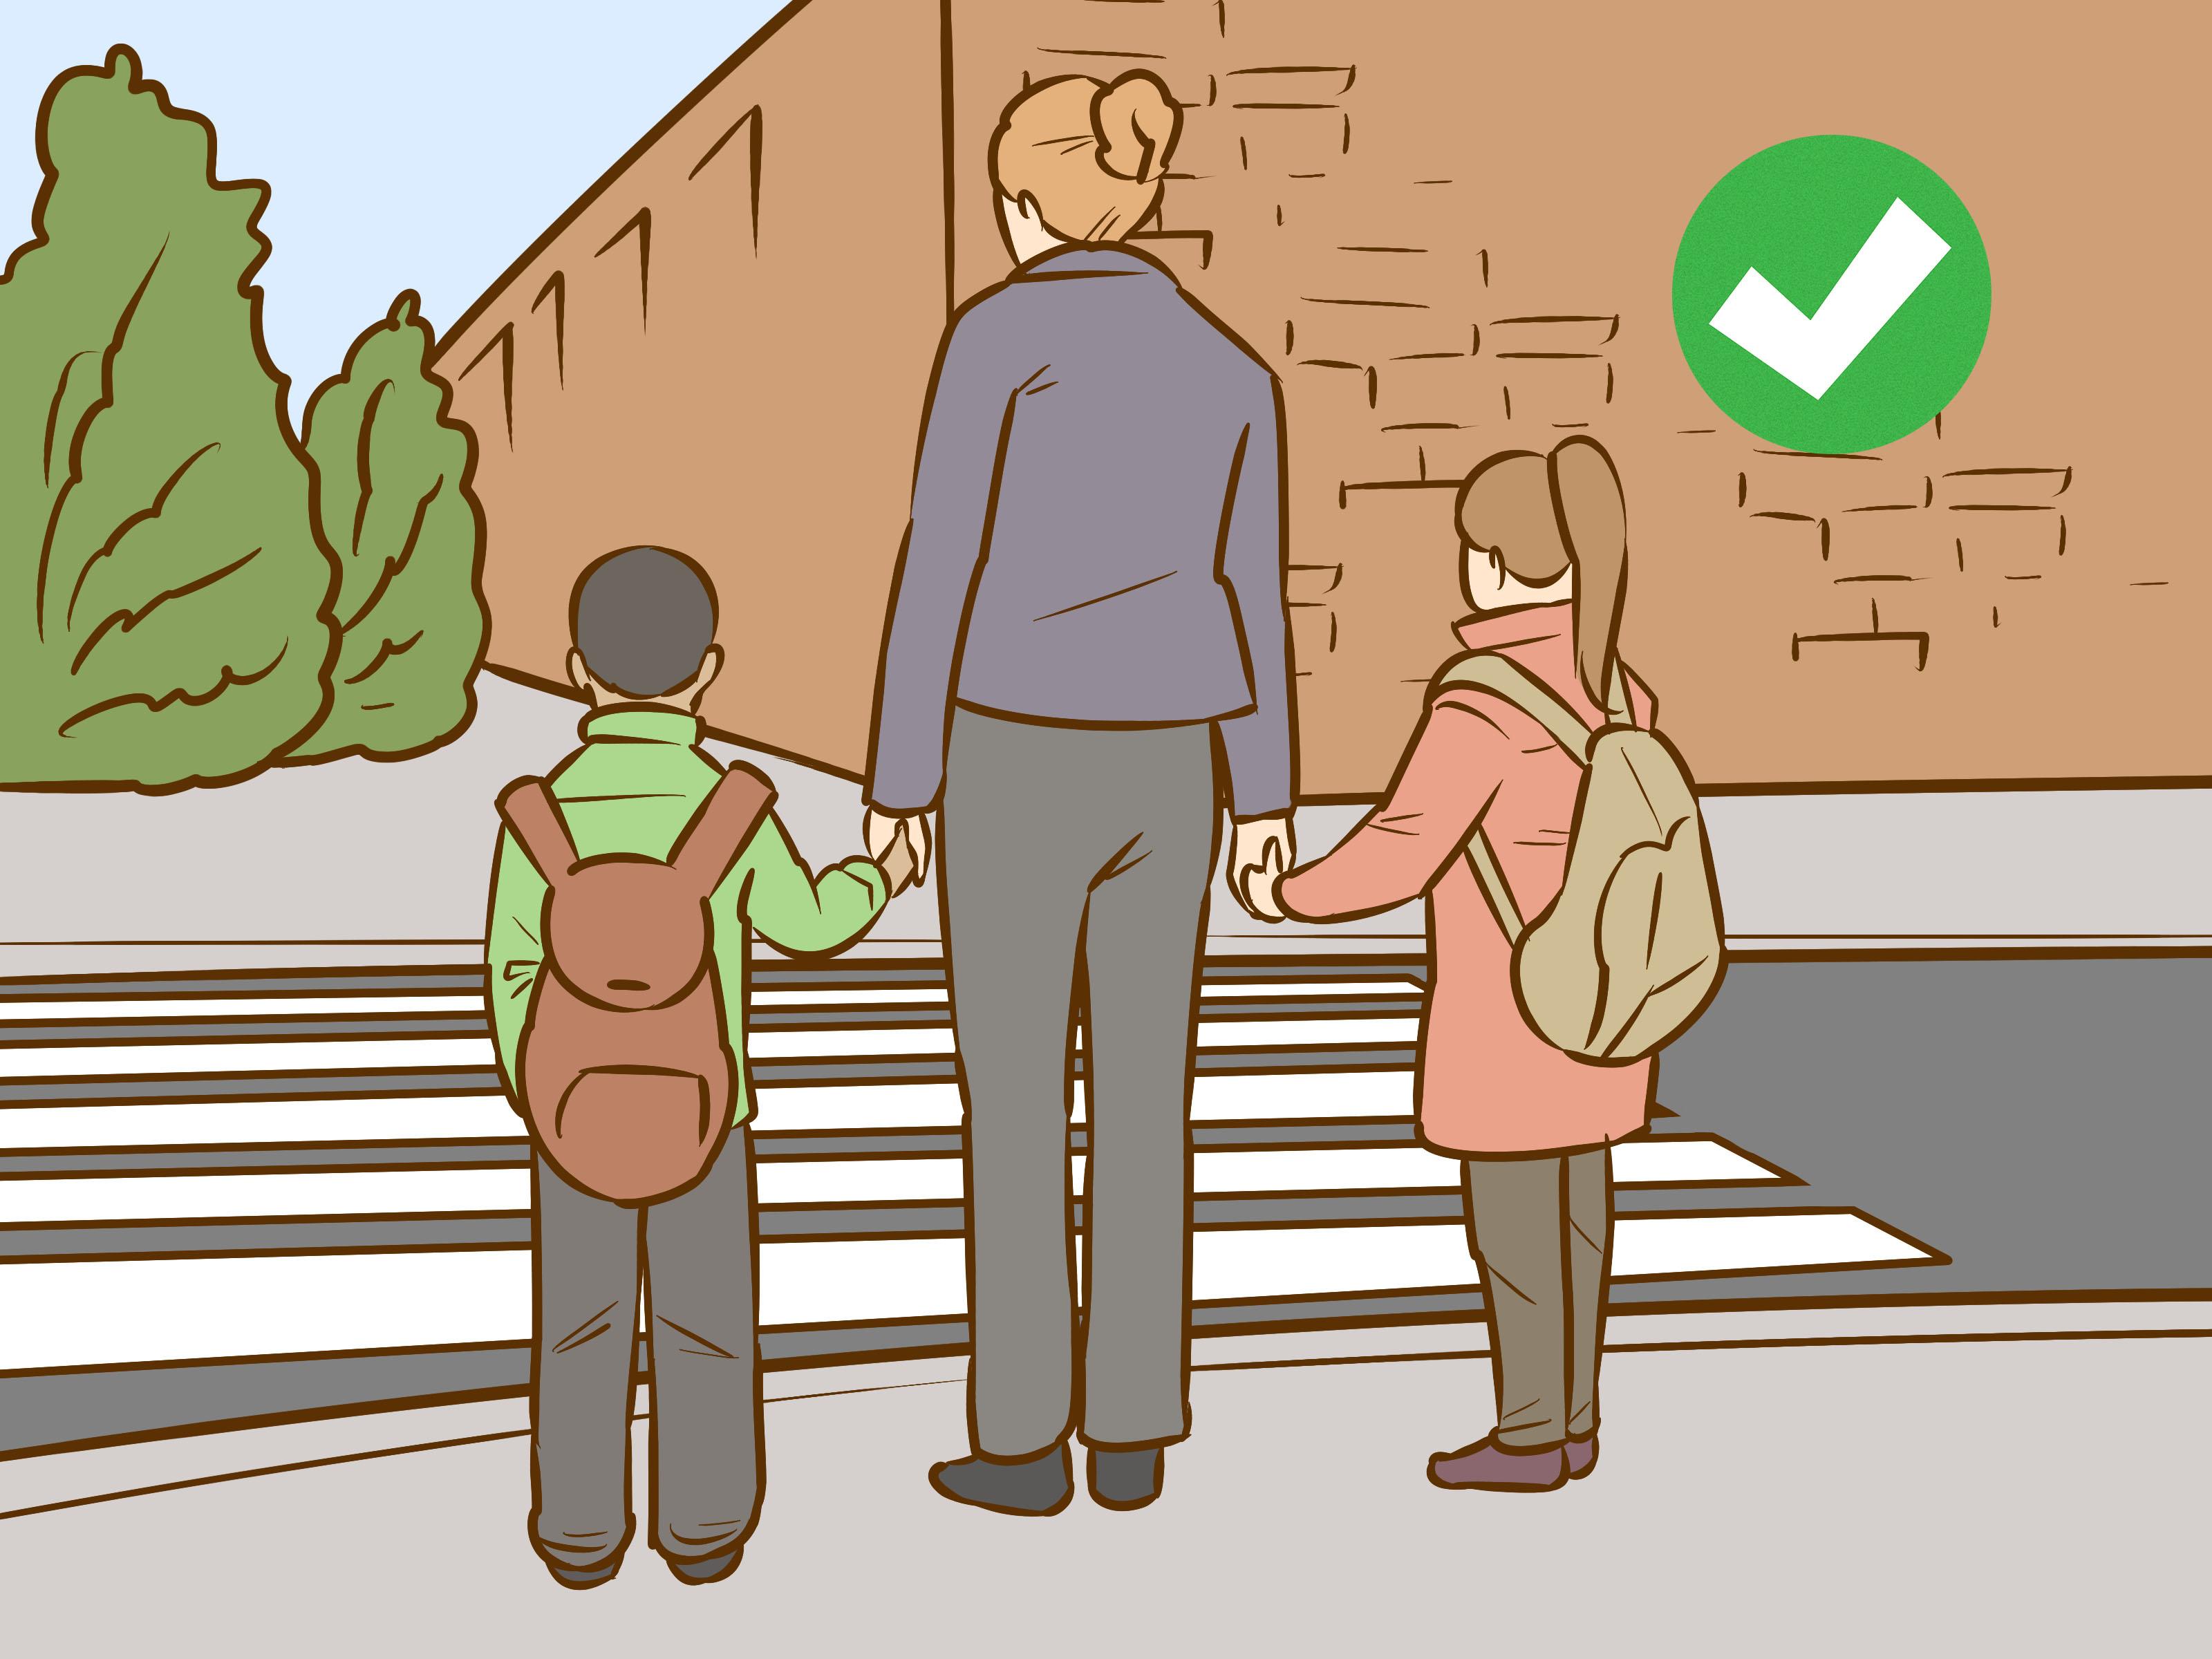 3 Ways To Teach Children Basic Street Safety When Walking